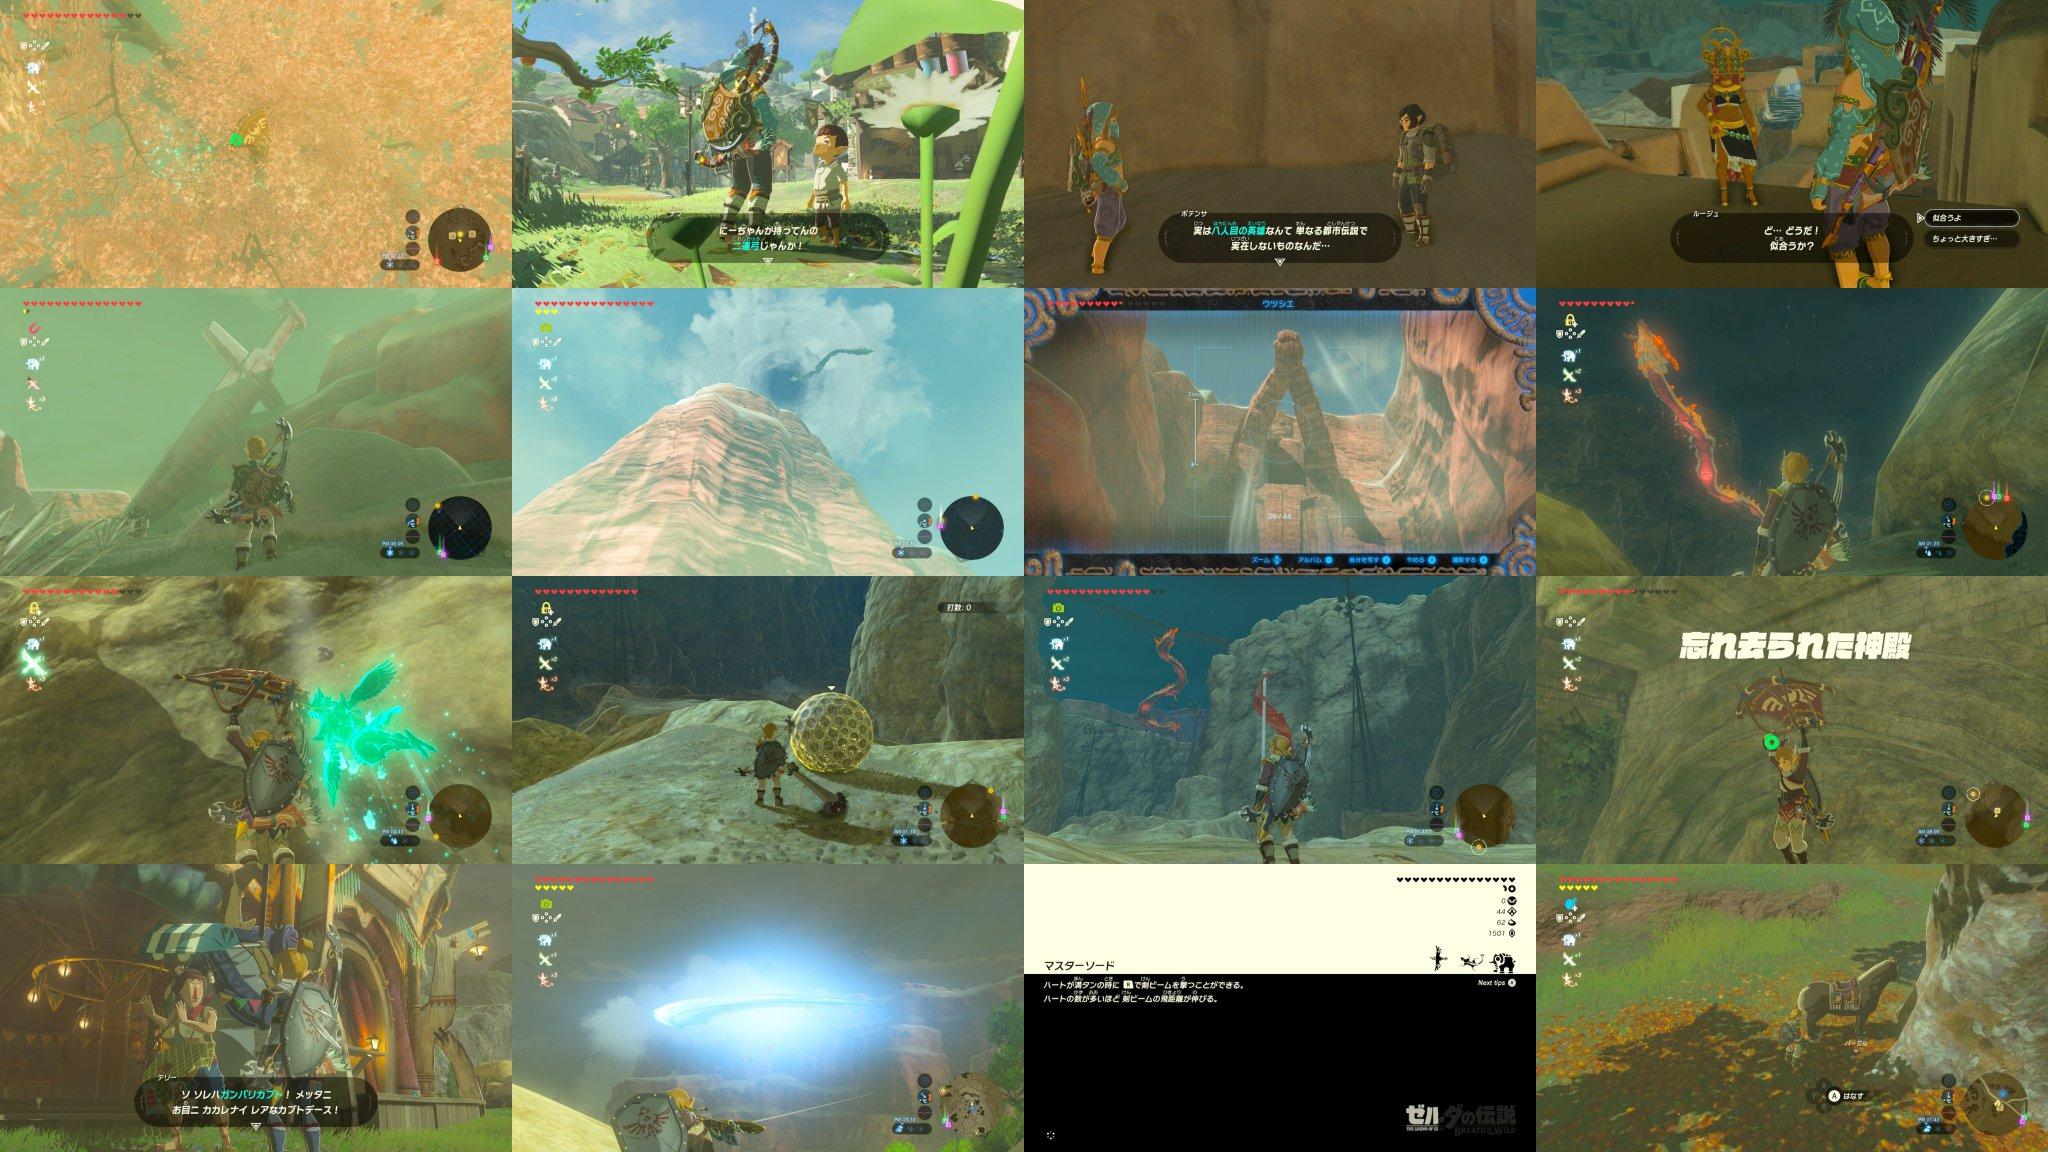 マスターソードで剣ビームとか、画面に見えないパージルさんと話せたり、おっきなゴルフコースとか、おっきな剣とか。 #ゼルダの伝説 #BreathoftheWild #NintendoSwitch https://t.co/dEH5BBpgad